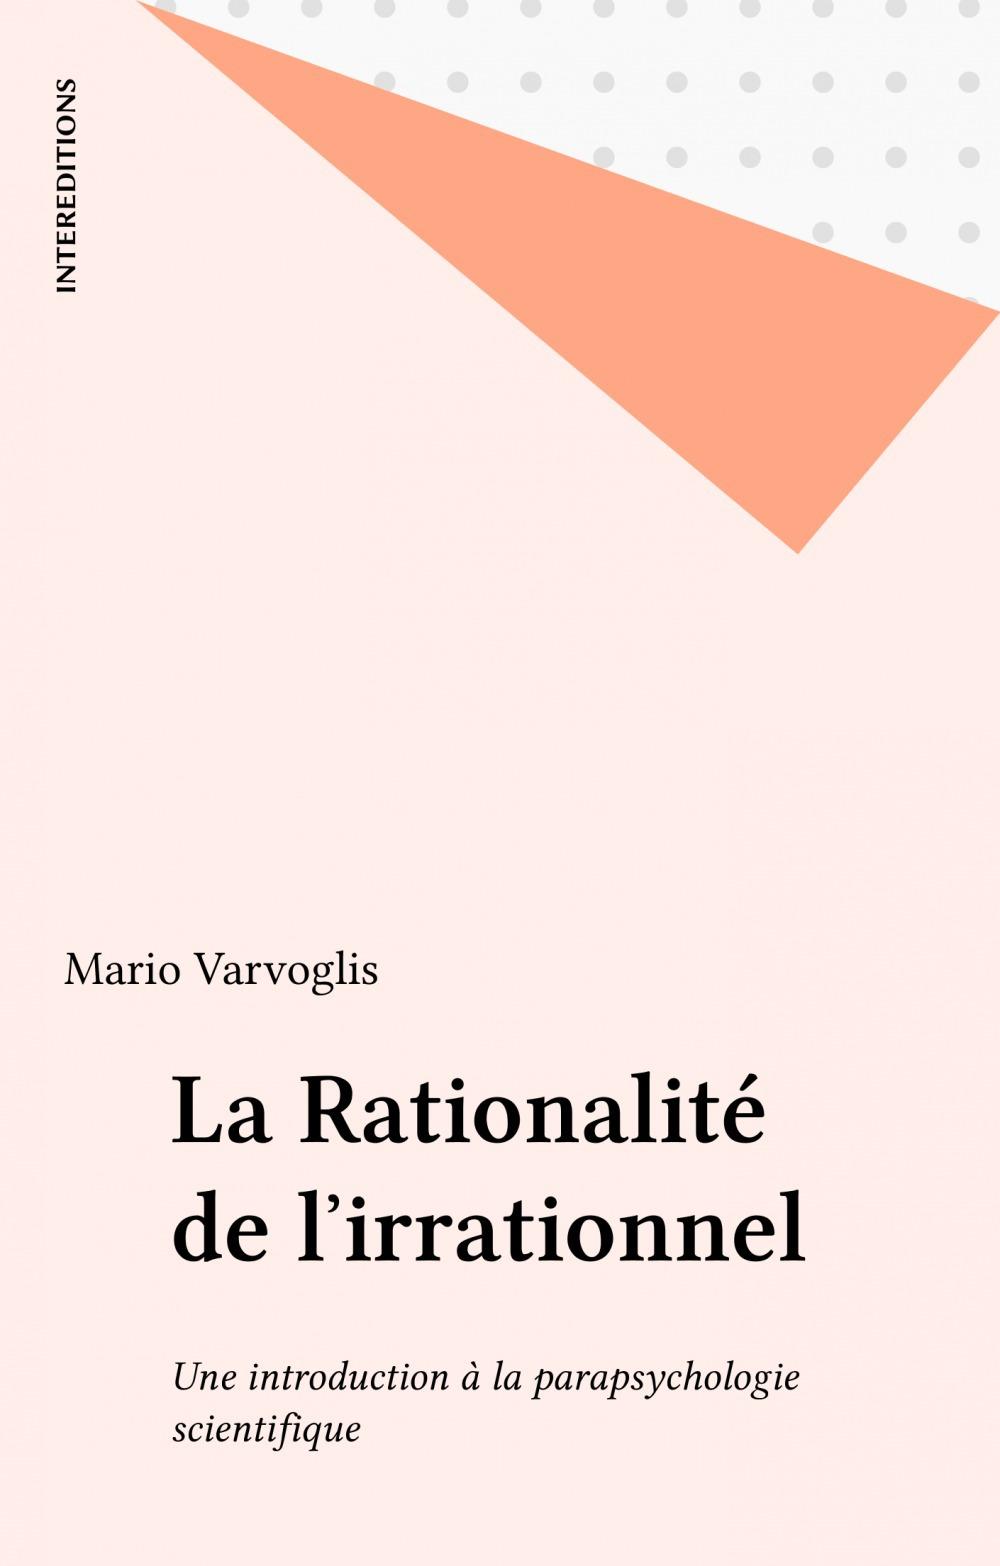 La rationalite de l'irrationnel